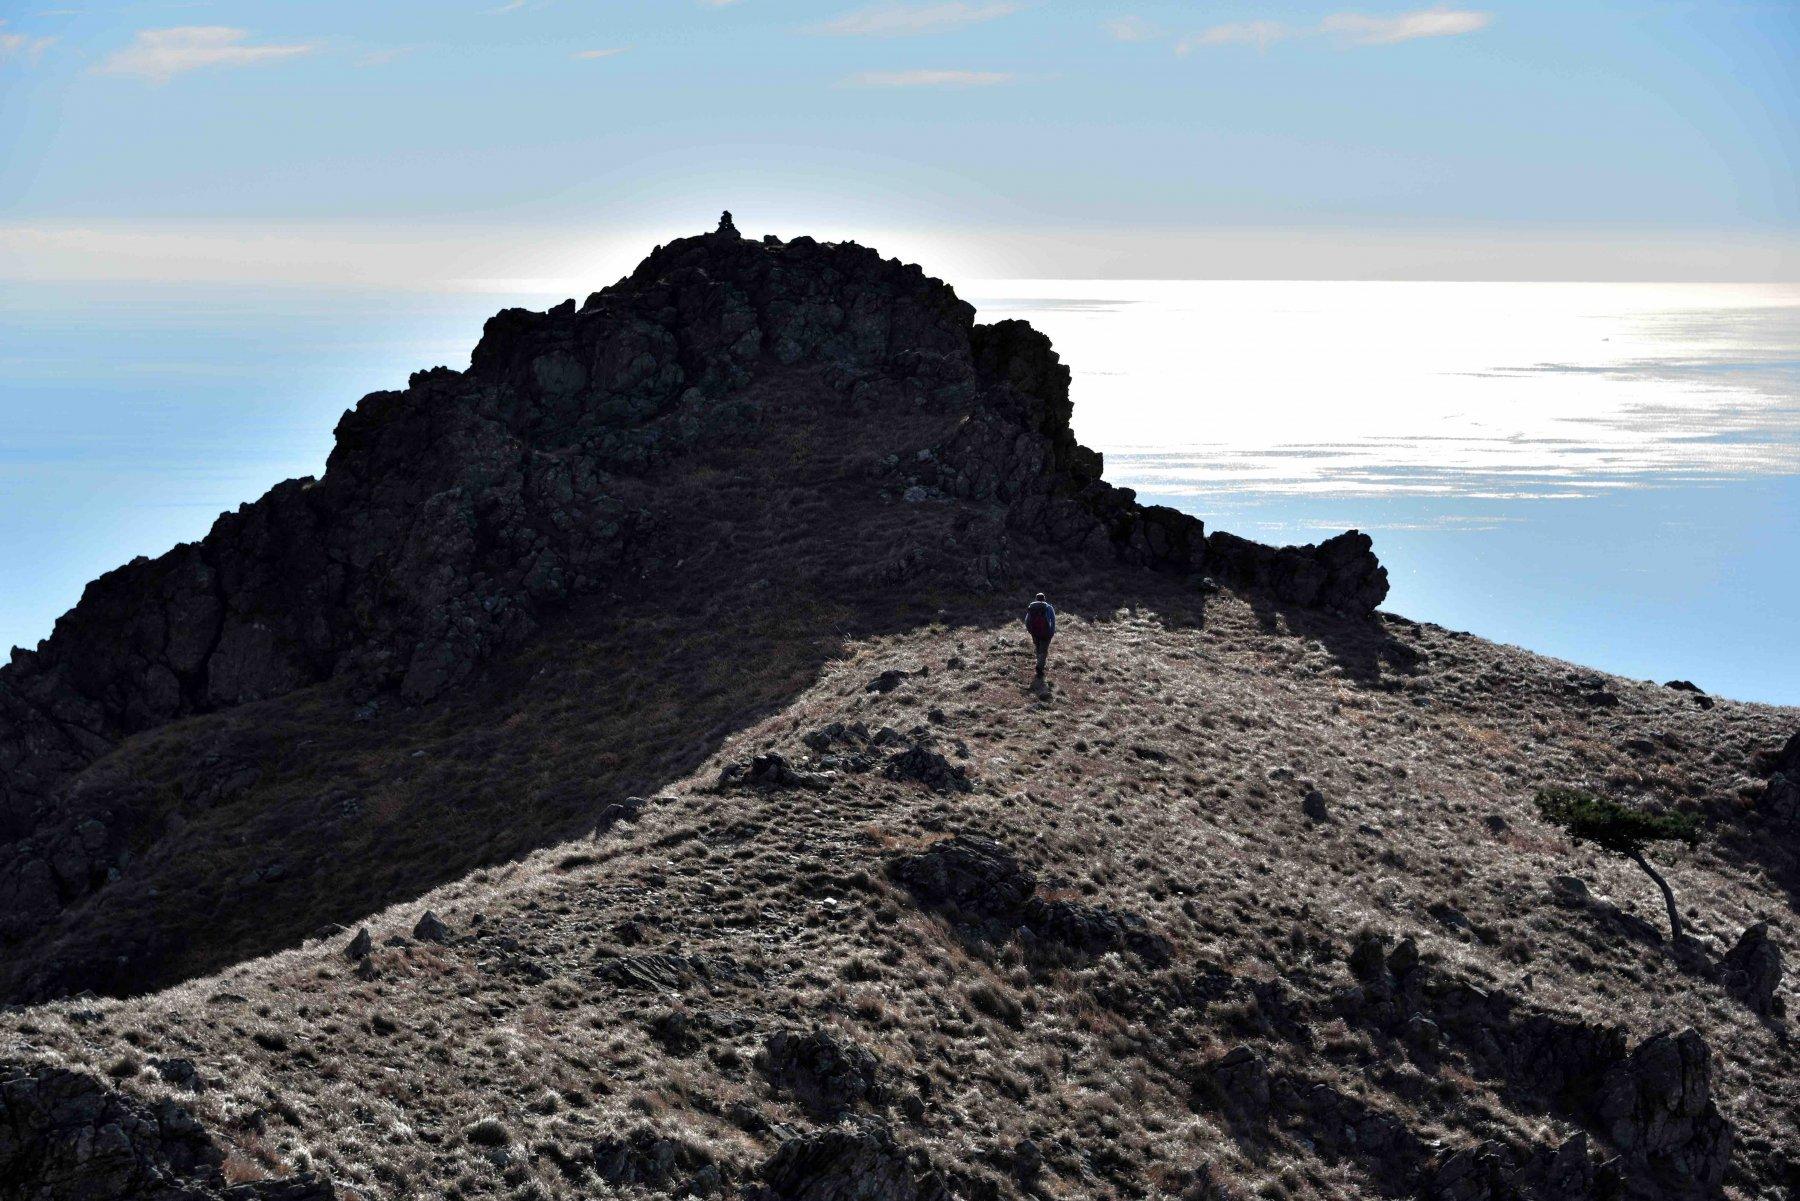 Le rocce sommitali della Rocca Negra.